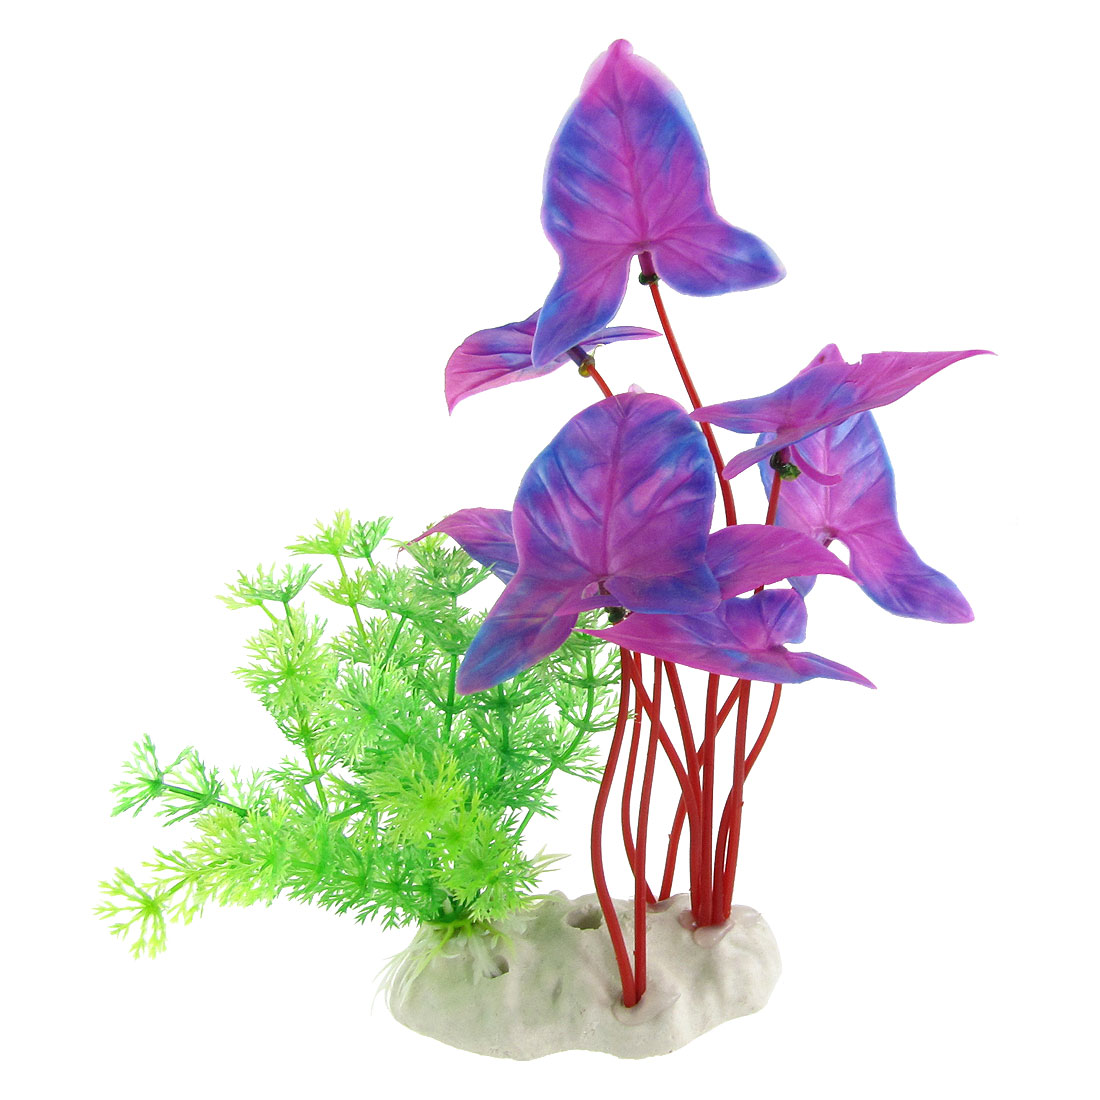 """Aquarium Tri Color 7.5"""" High Plastic Plant Decor Ornament w Ceramic Base"""